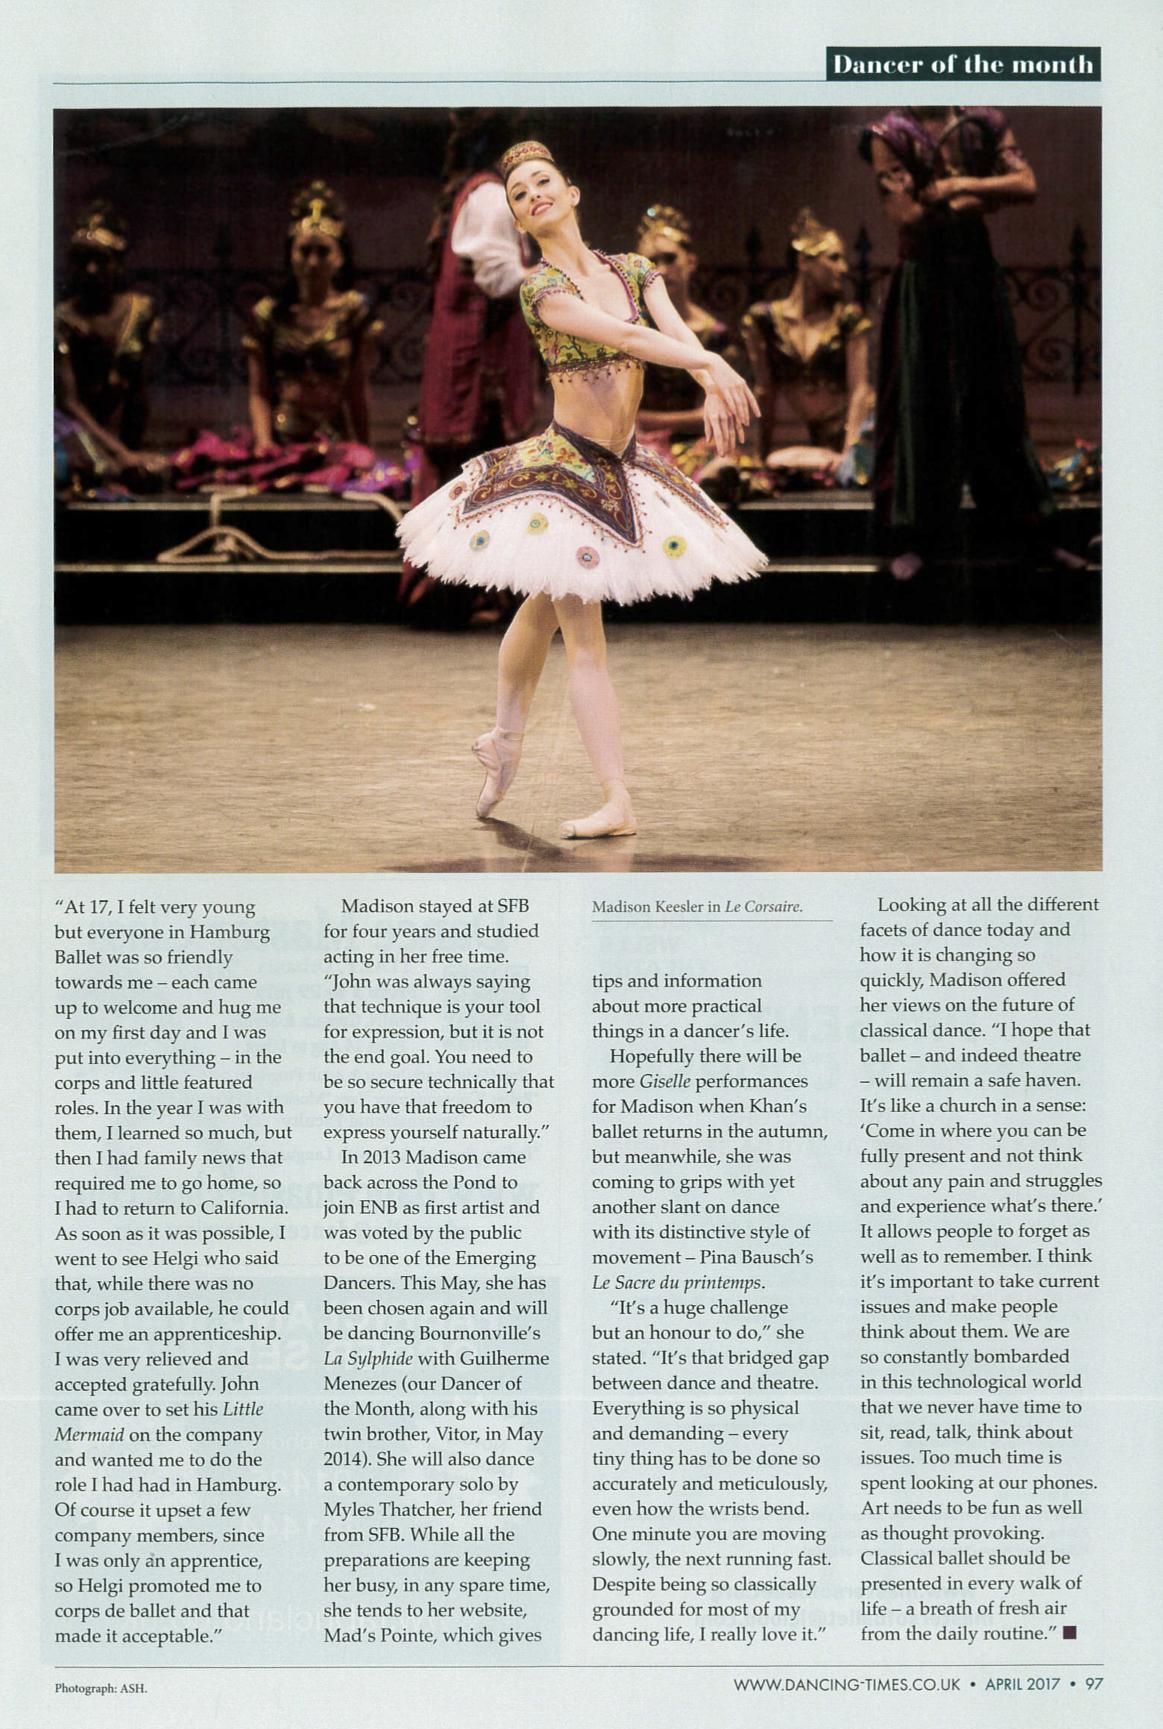 Dancing Times pg 3.jpg